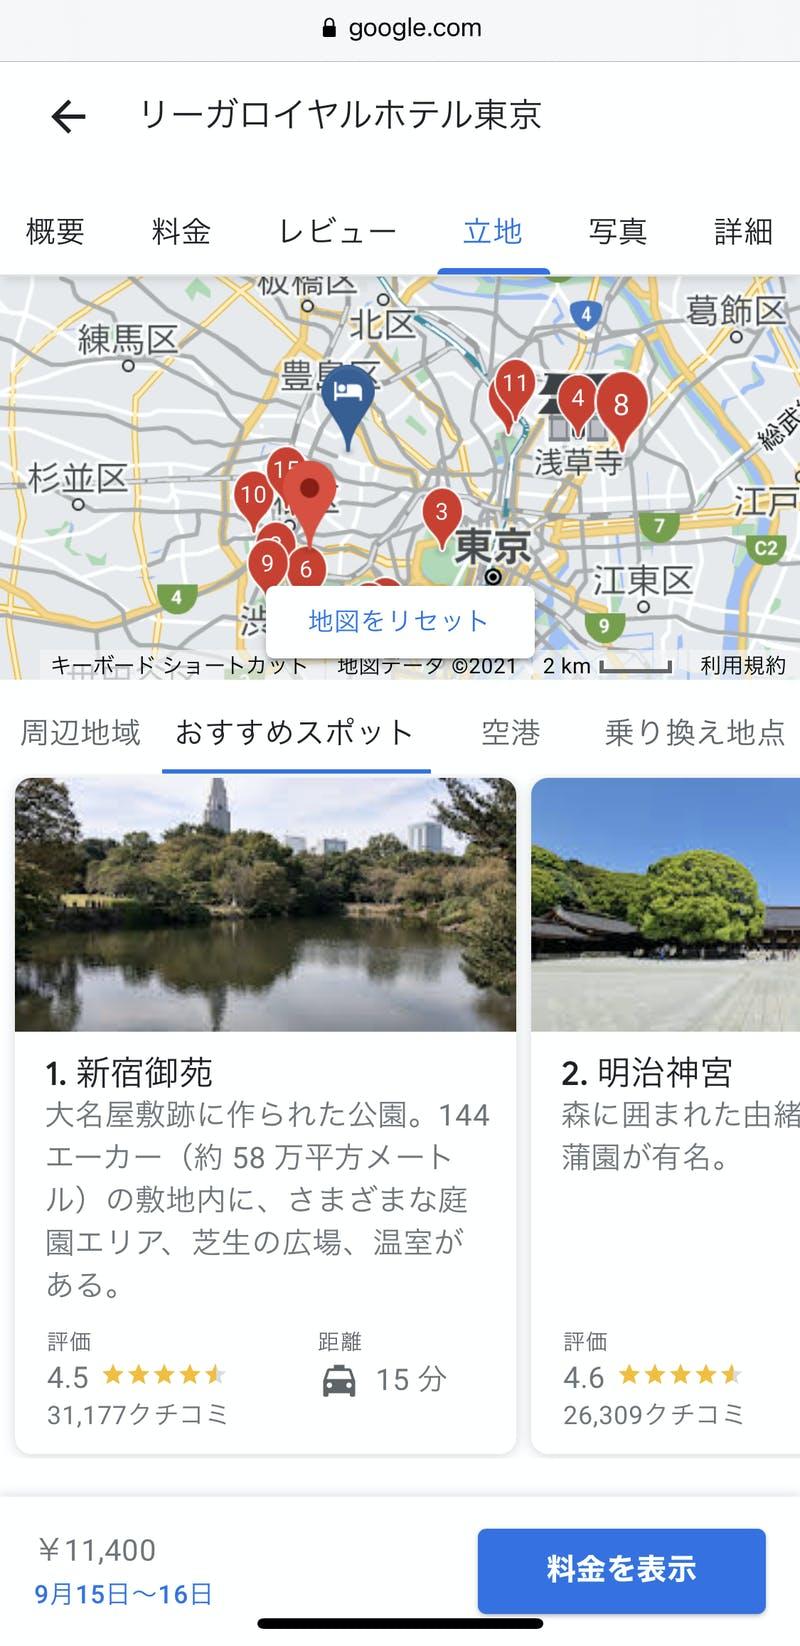 スマートフォンウェブブラウザからホテルの情報を表示、Google検索